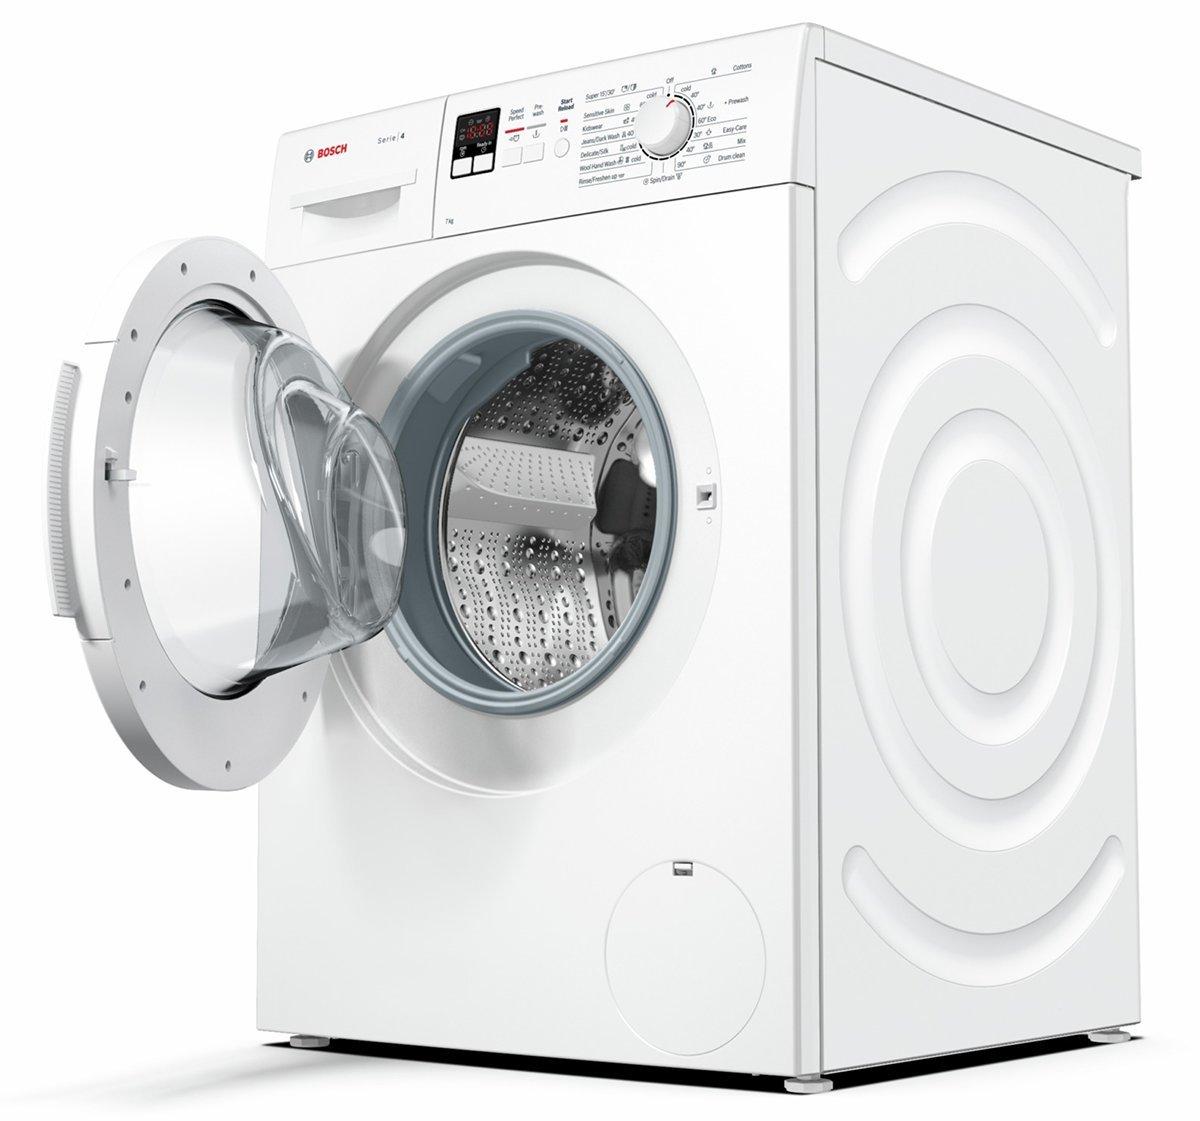 锦衣之上:真要好好感谢洗衣机